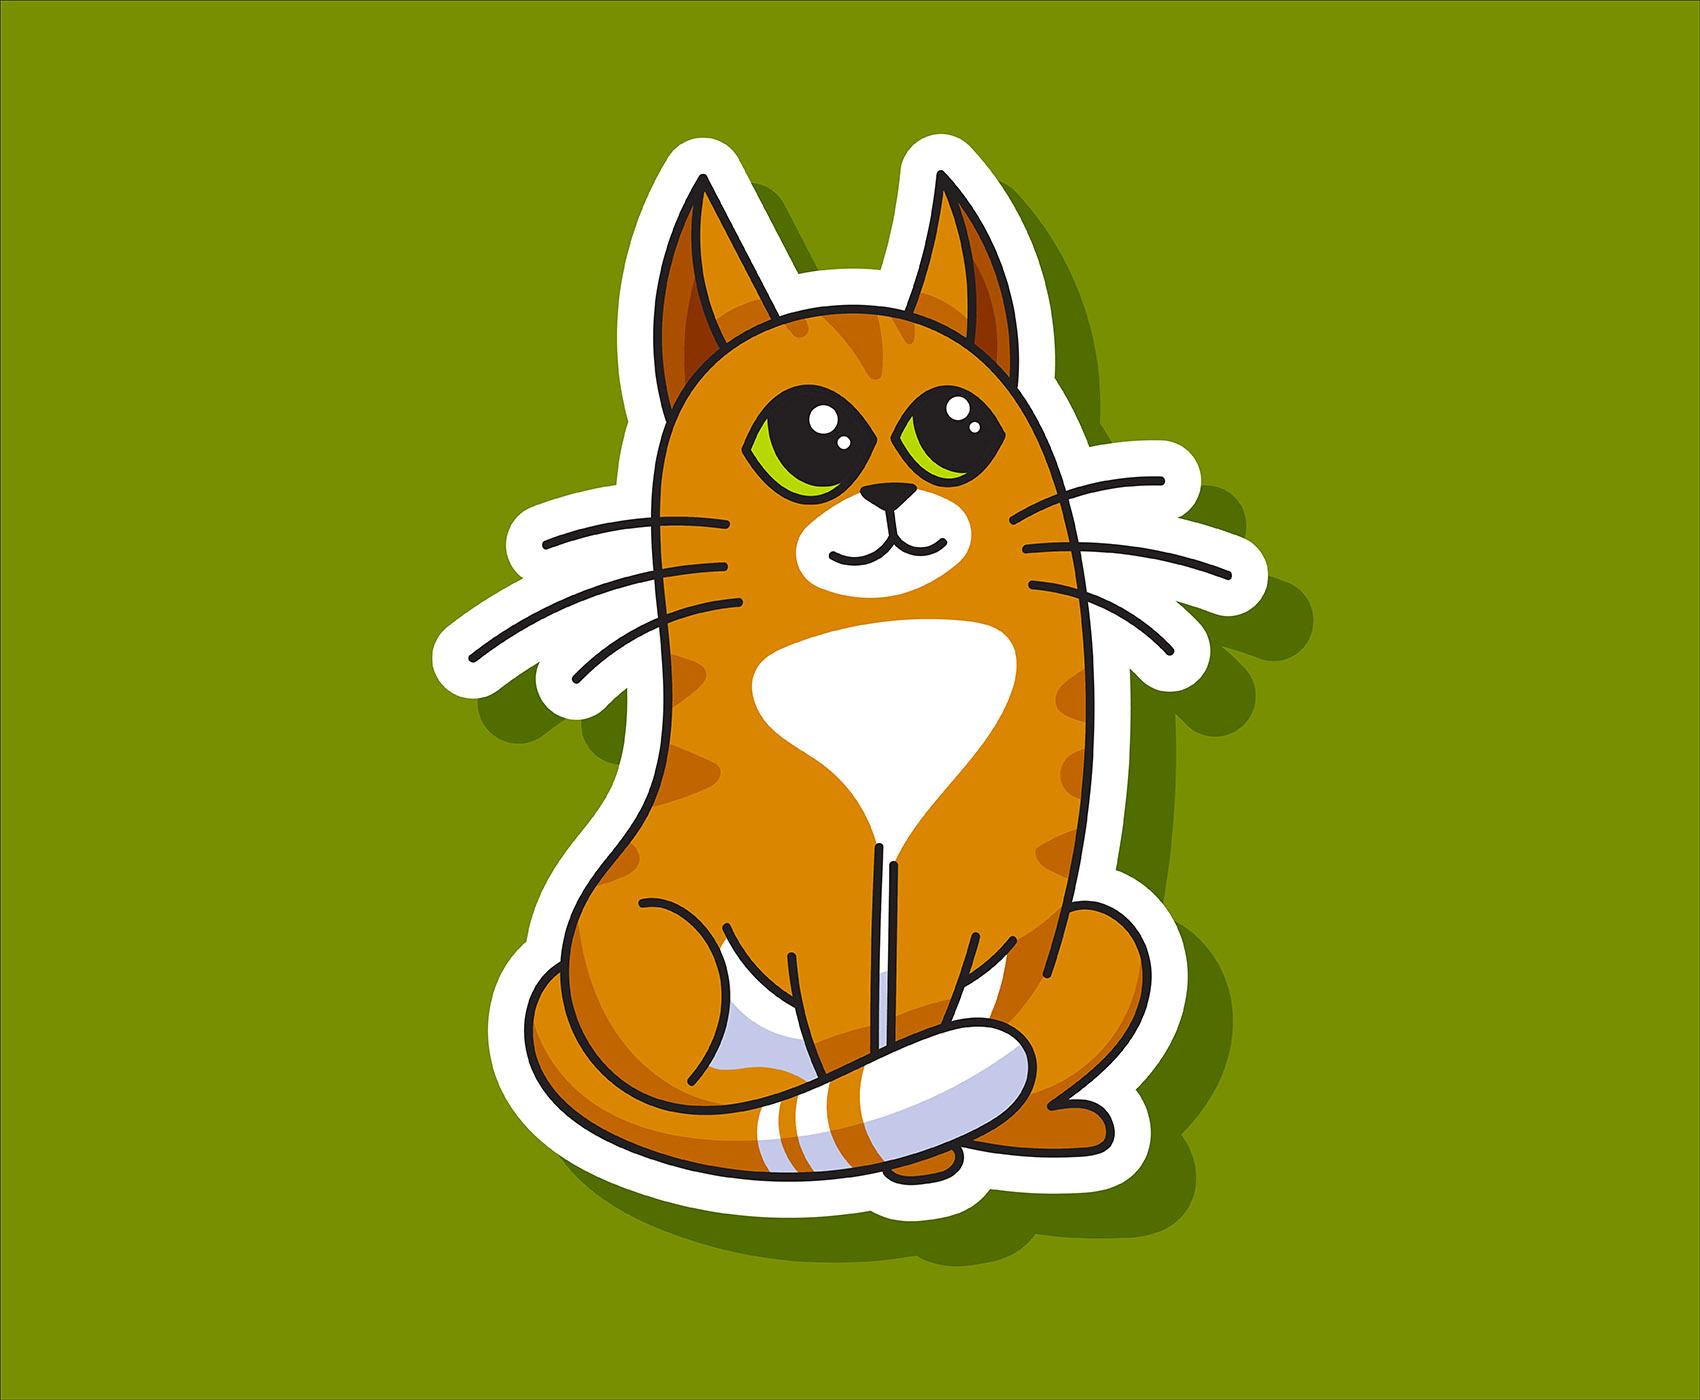 貓圖案 免費下載 | 天天瘋後製